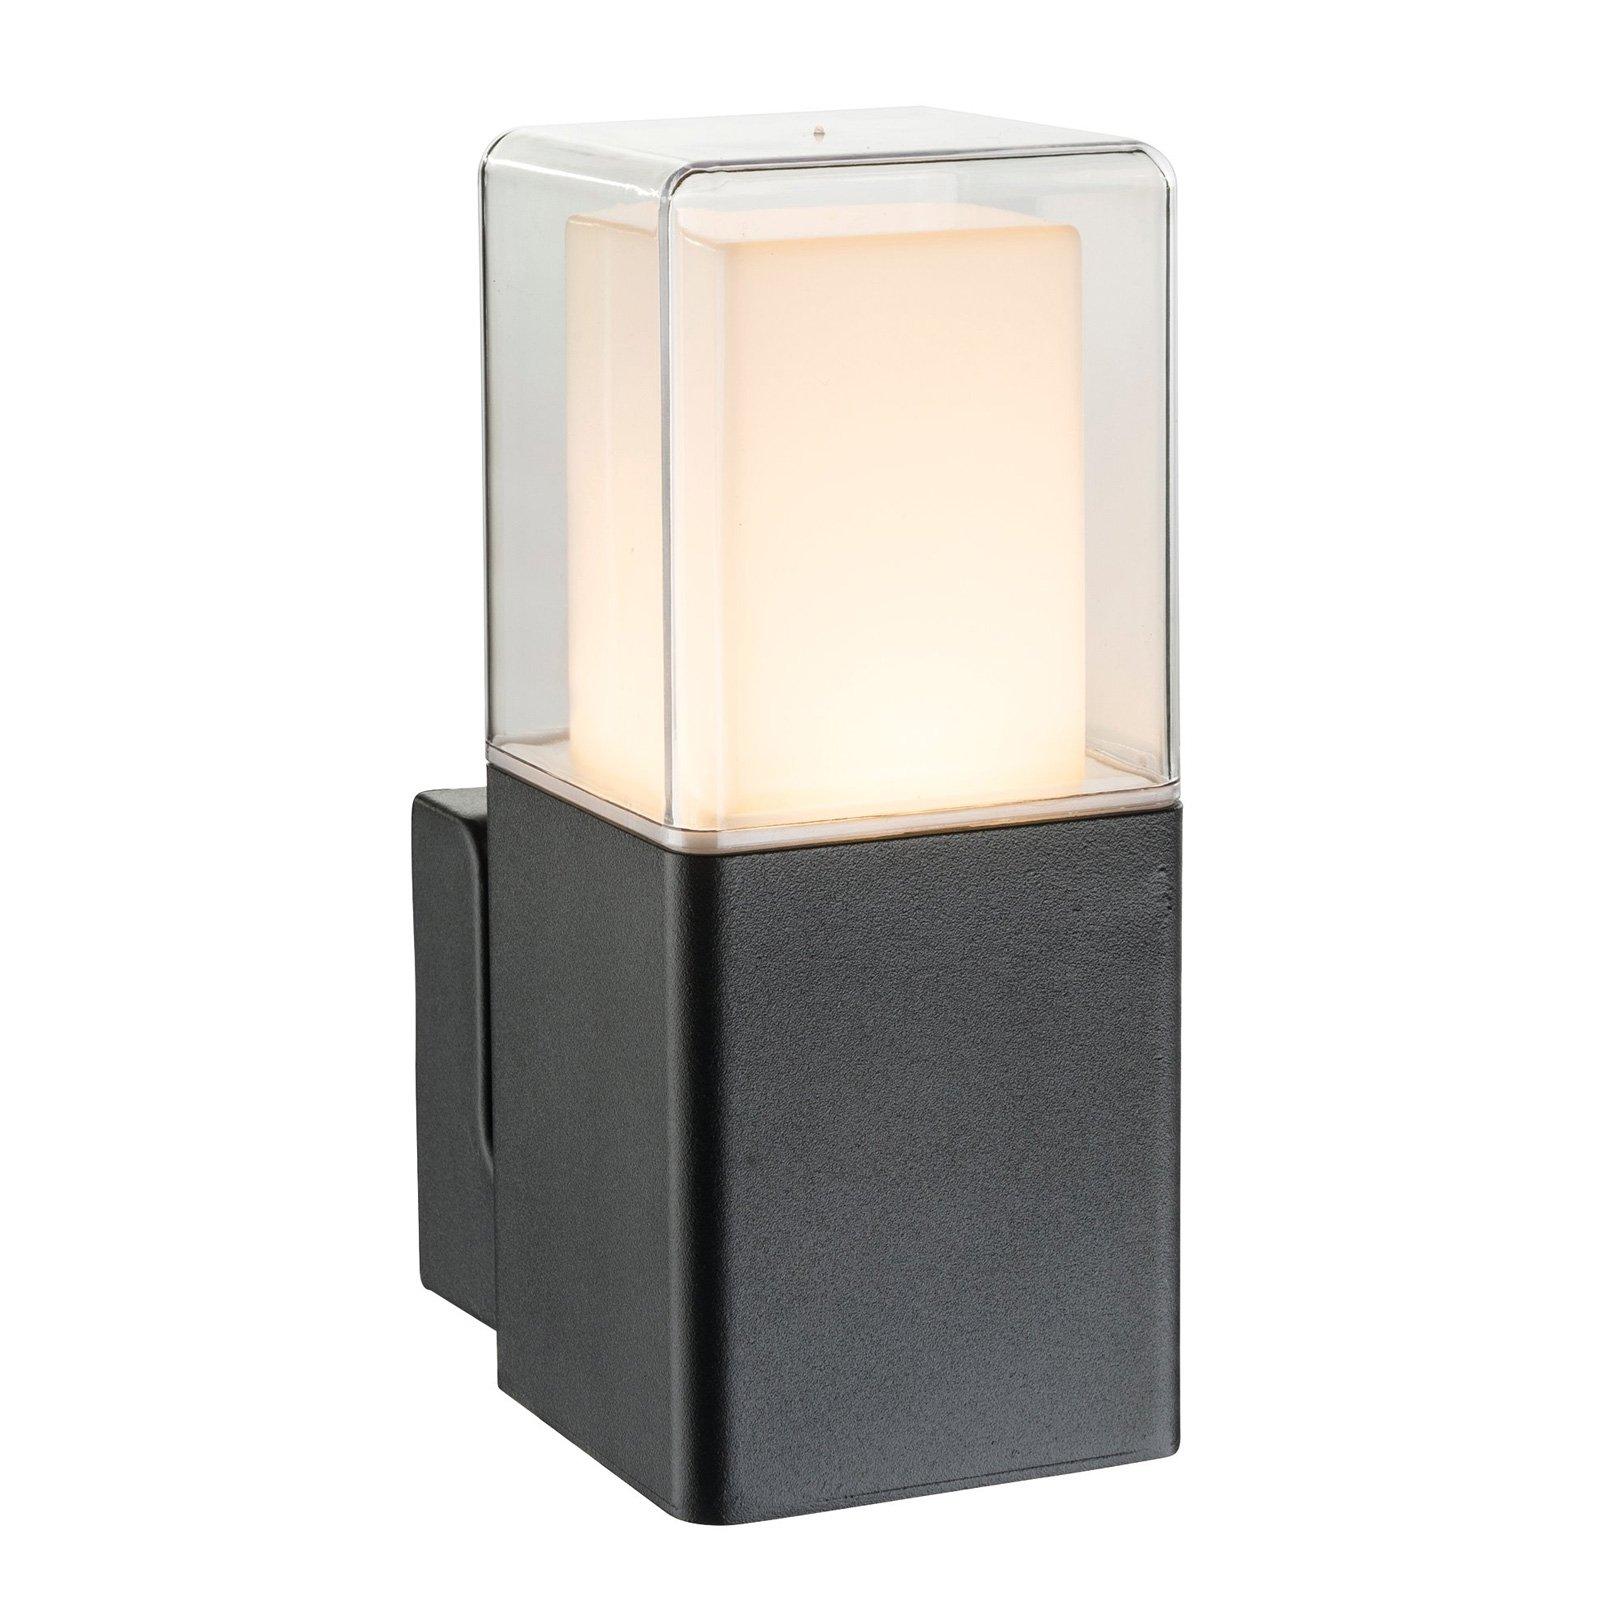 Utendørs LED-vegglampe Dalia med glassdiffusor